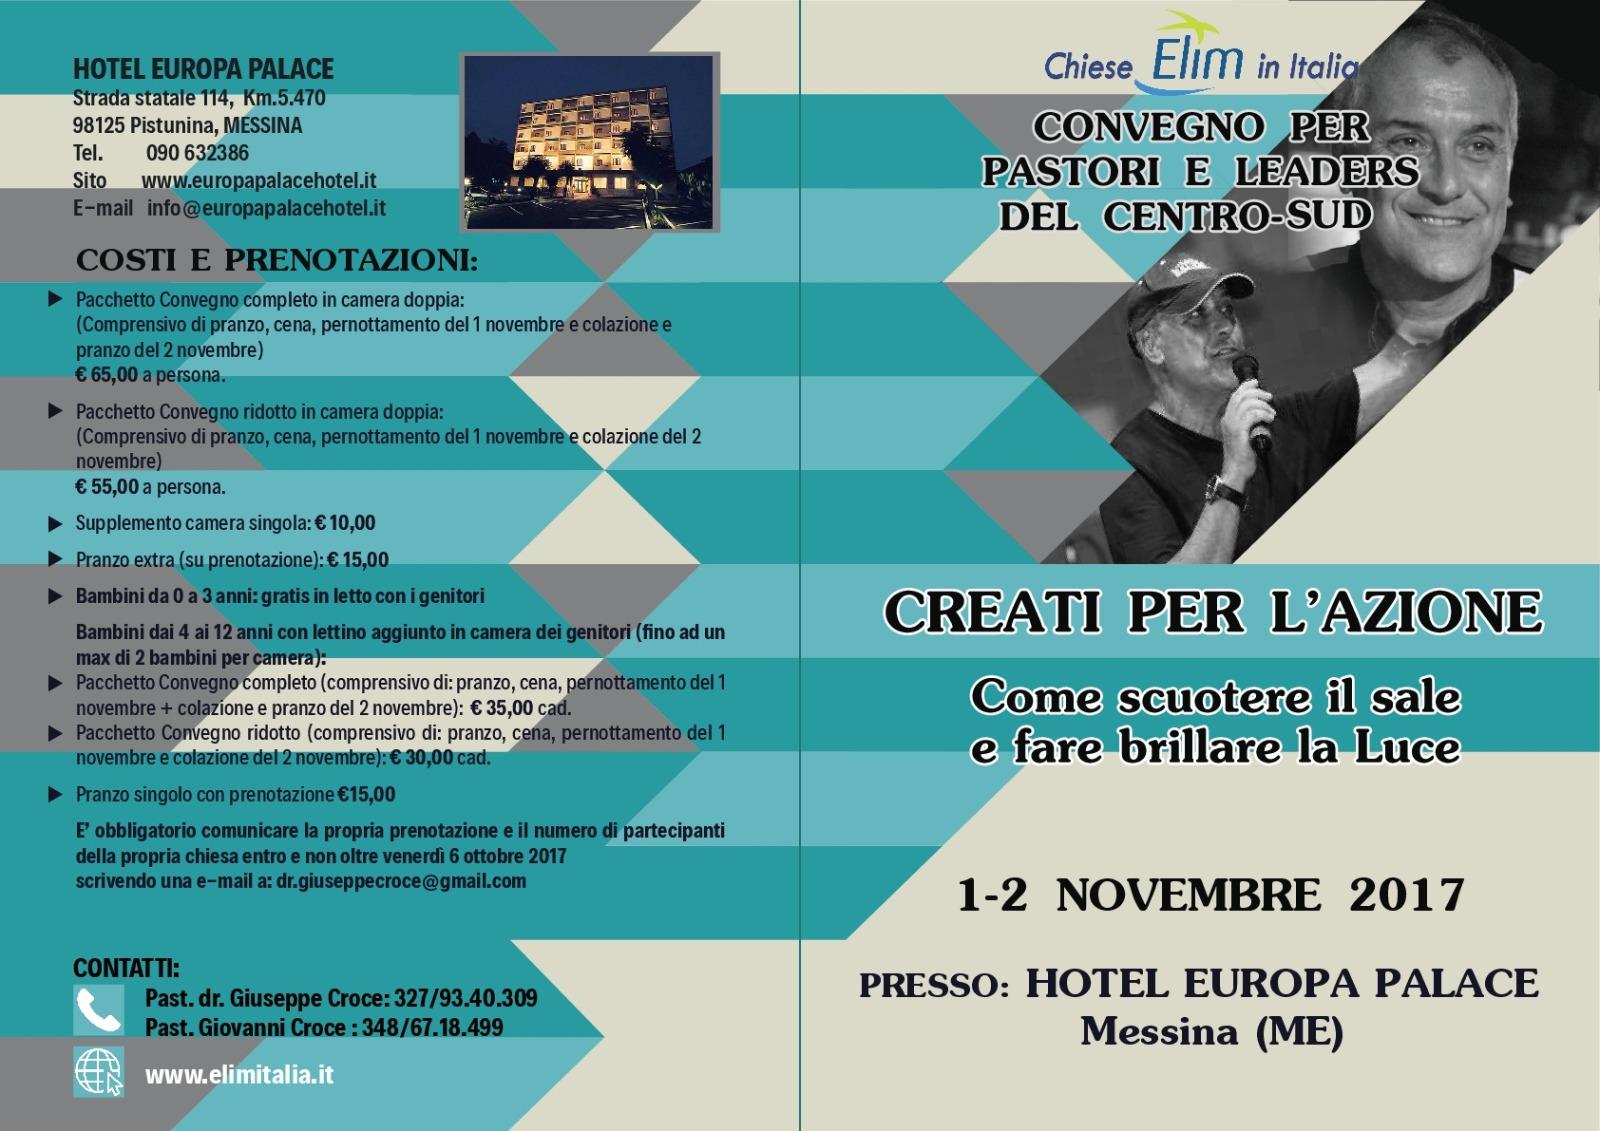 Convegno per pastori e leaders del Centro-Sud – Messina, 1-2 novembre 2017